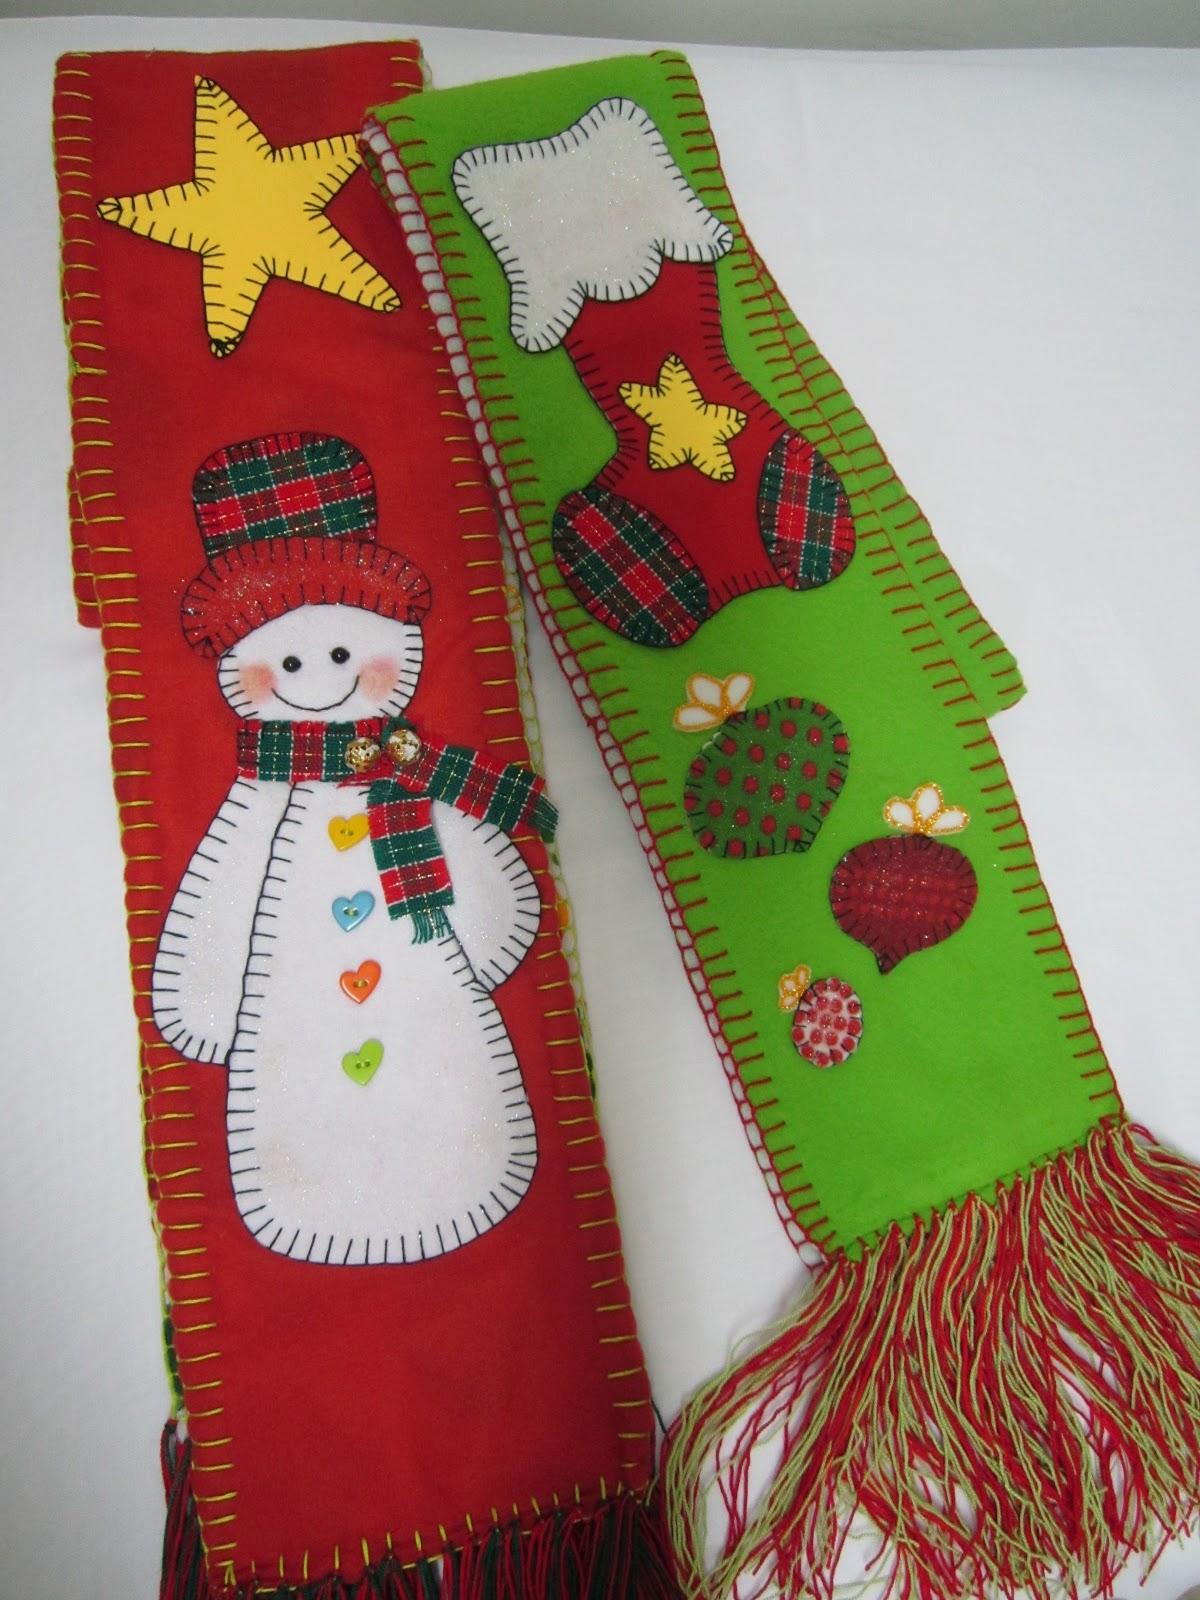 Llega la navidad, fechas de mucha alegría, compartir en familia y con los amigos, preparando las novenas, los villancicos, entonces a lucir estas bufandas